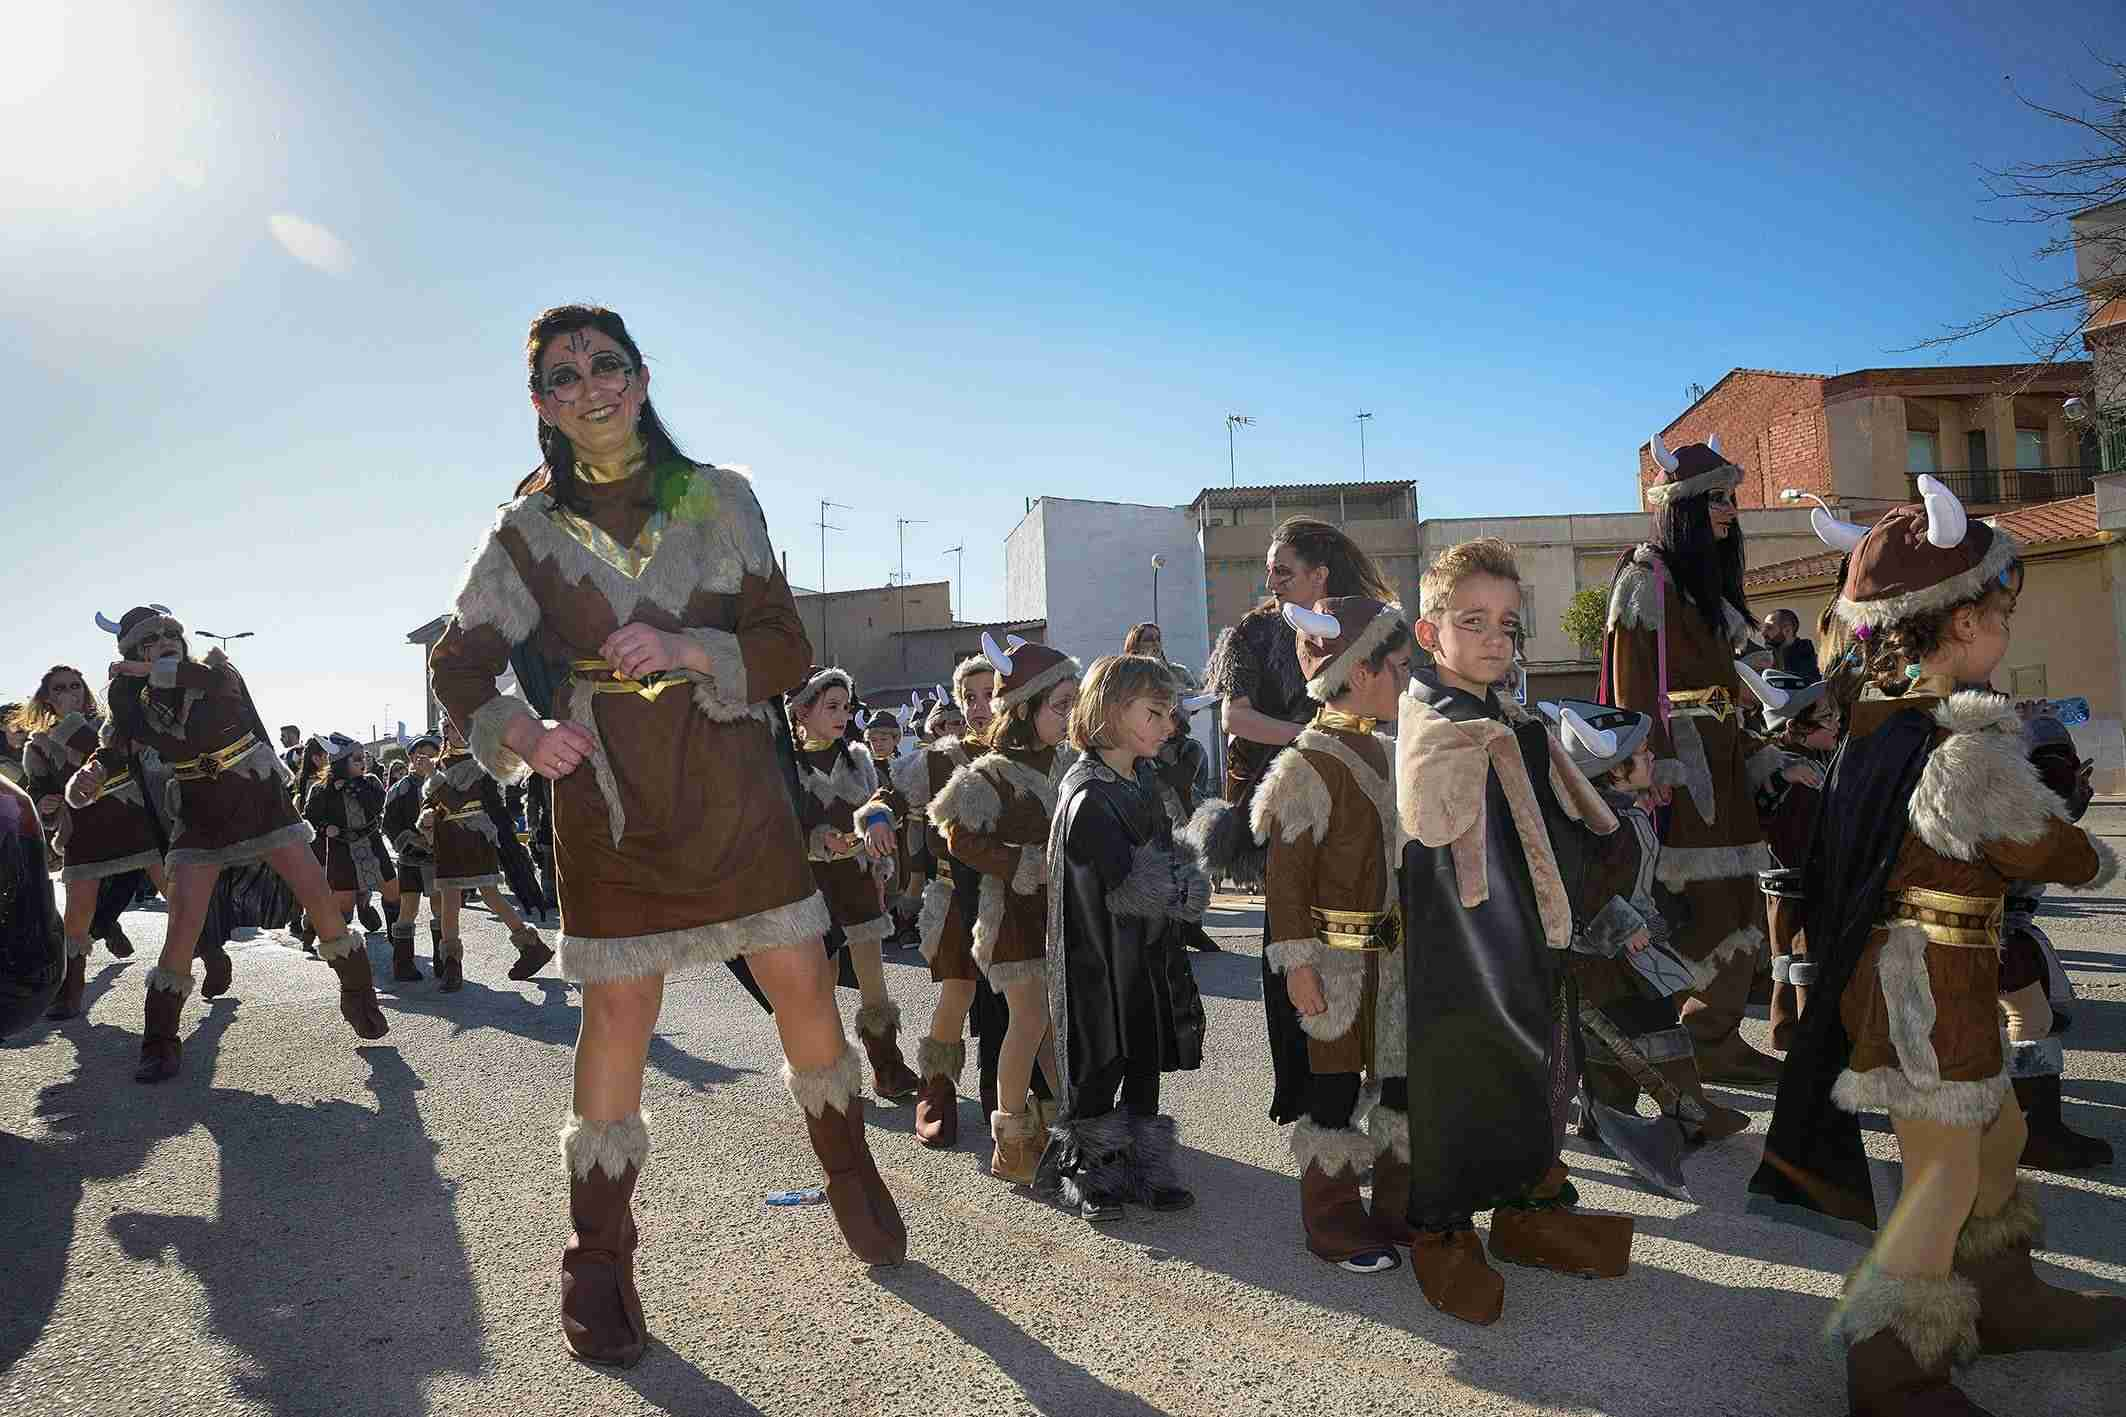 El Desfile de Comparsas Infantiles abre la actividad en la calle del Carnaval de Argamasilla de Alba 6